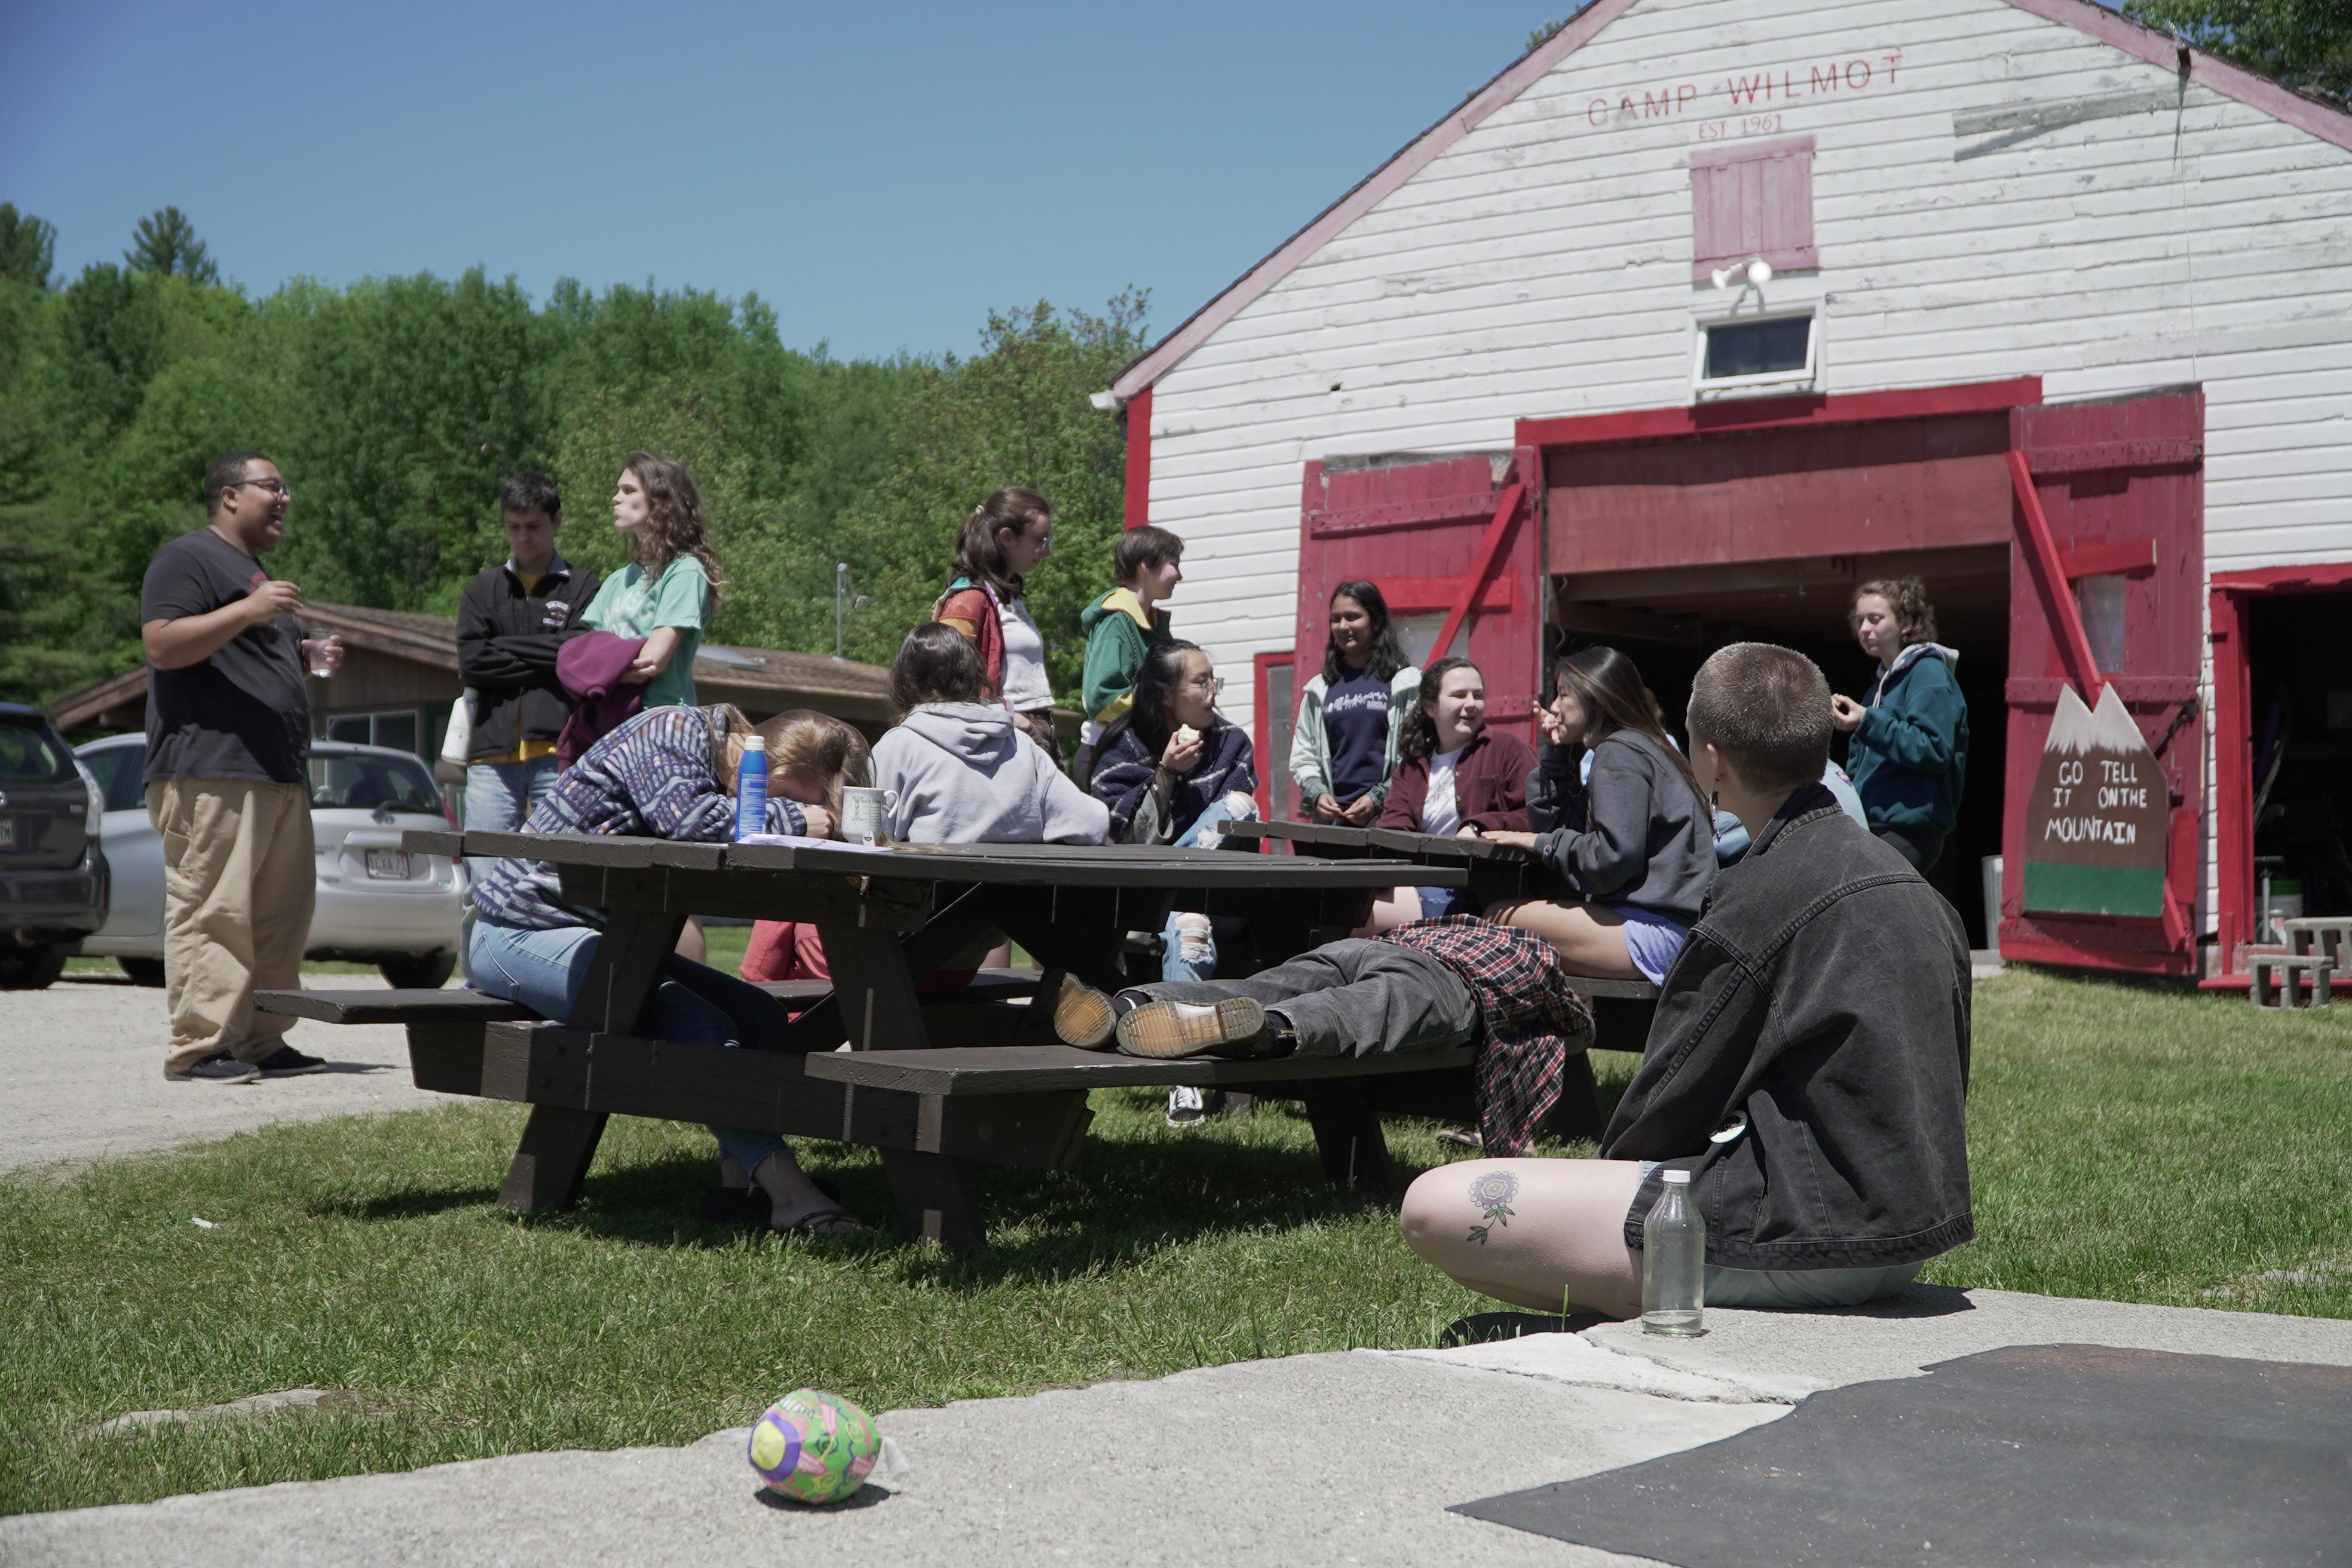 2019 June Retreat at Camp Wilmot